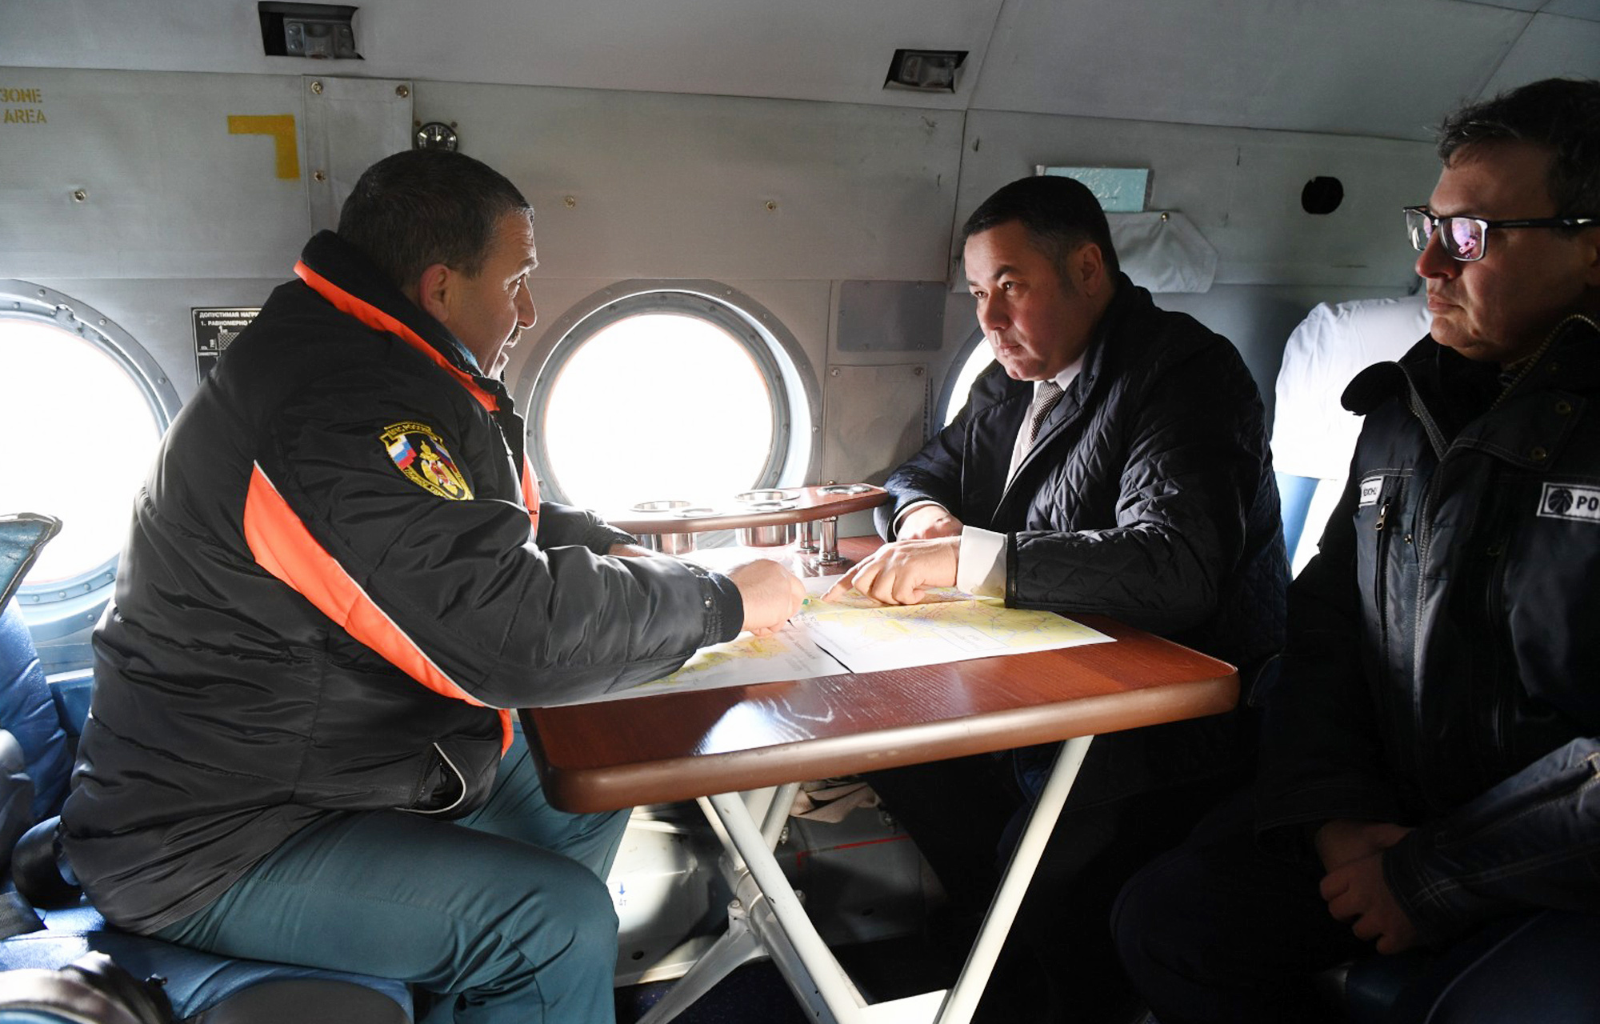 Игорь Руденя на вертолете МЧС осматривает территории Тверской области, где из-за стихии было нарушено электроснабжение